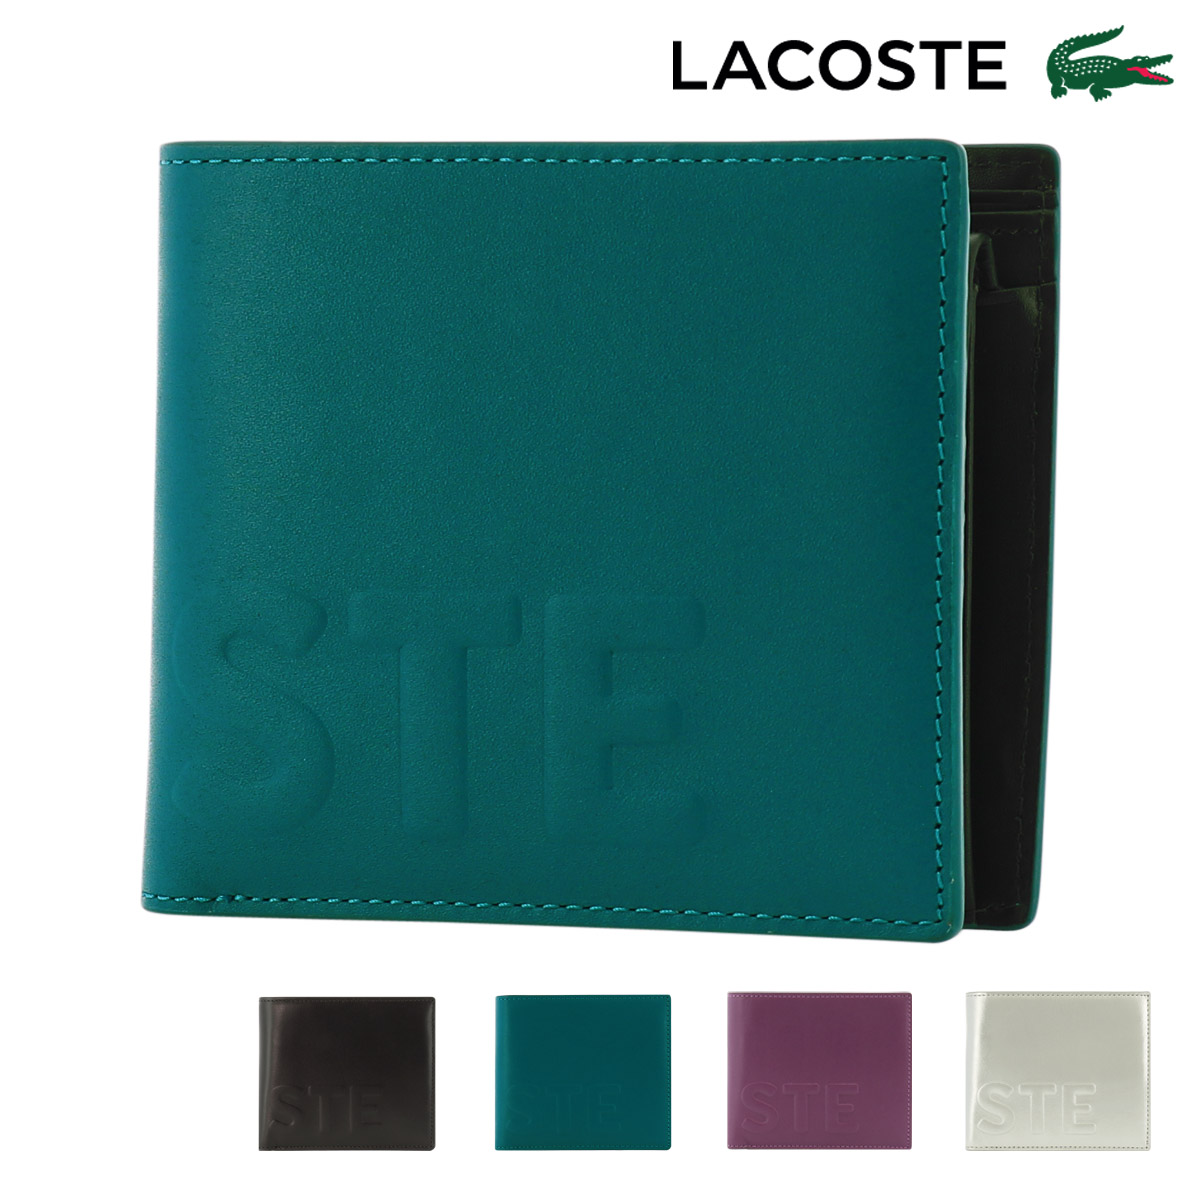 ラコステ 二つ折り財布 LOGO MANIA レディース NF9302K LACOSTE | 牛革 本革 レザー[bef][PO10][即日発送]